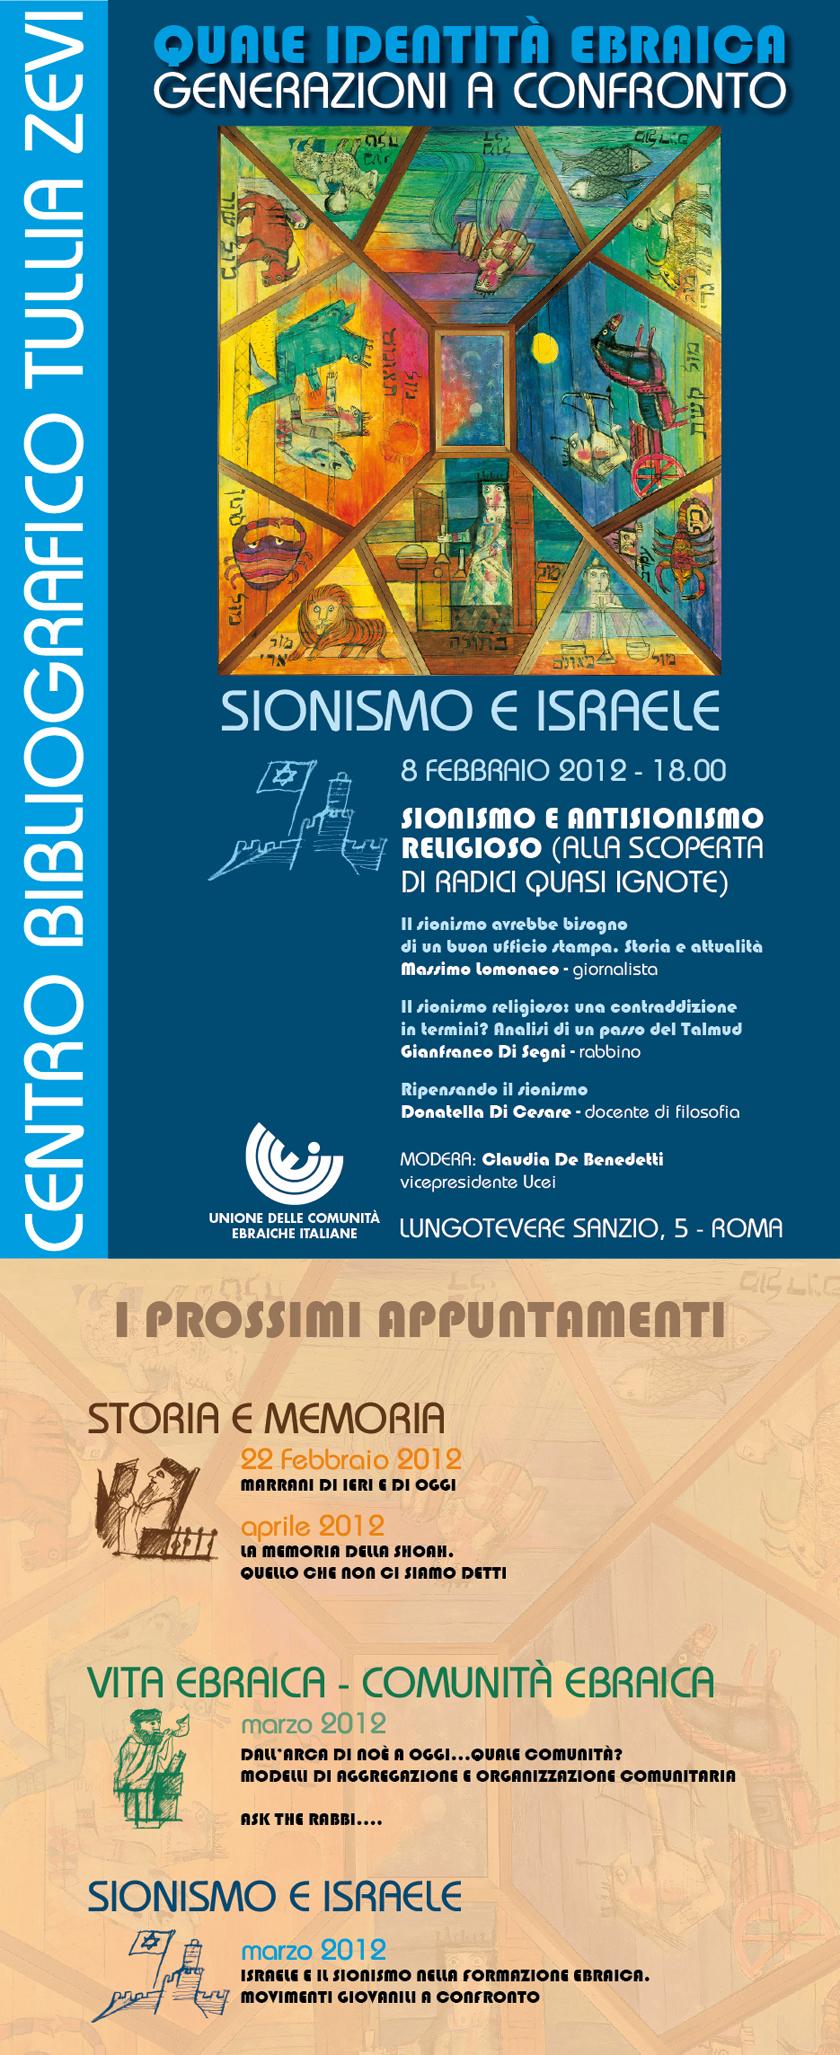 Sionismo e antisionismo religioso